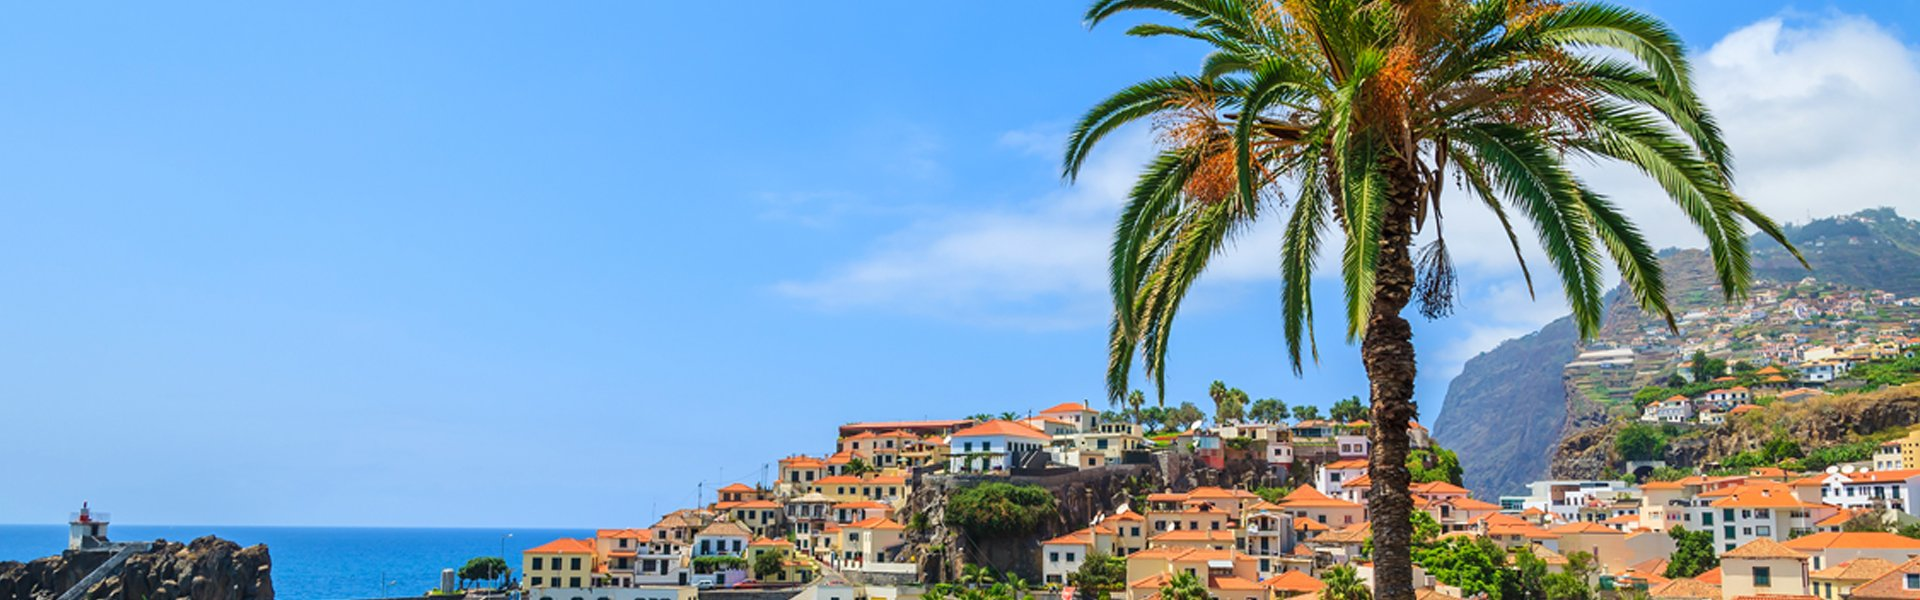 Zicht op Funchal, Madeira, Portugal